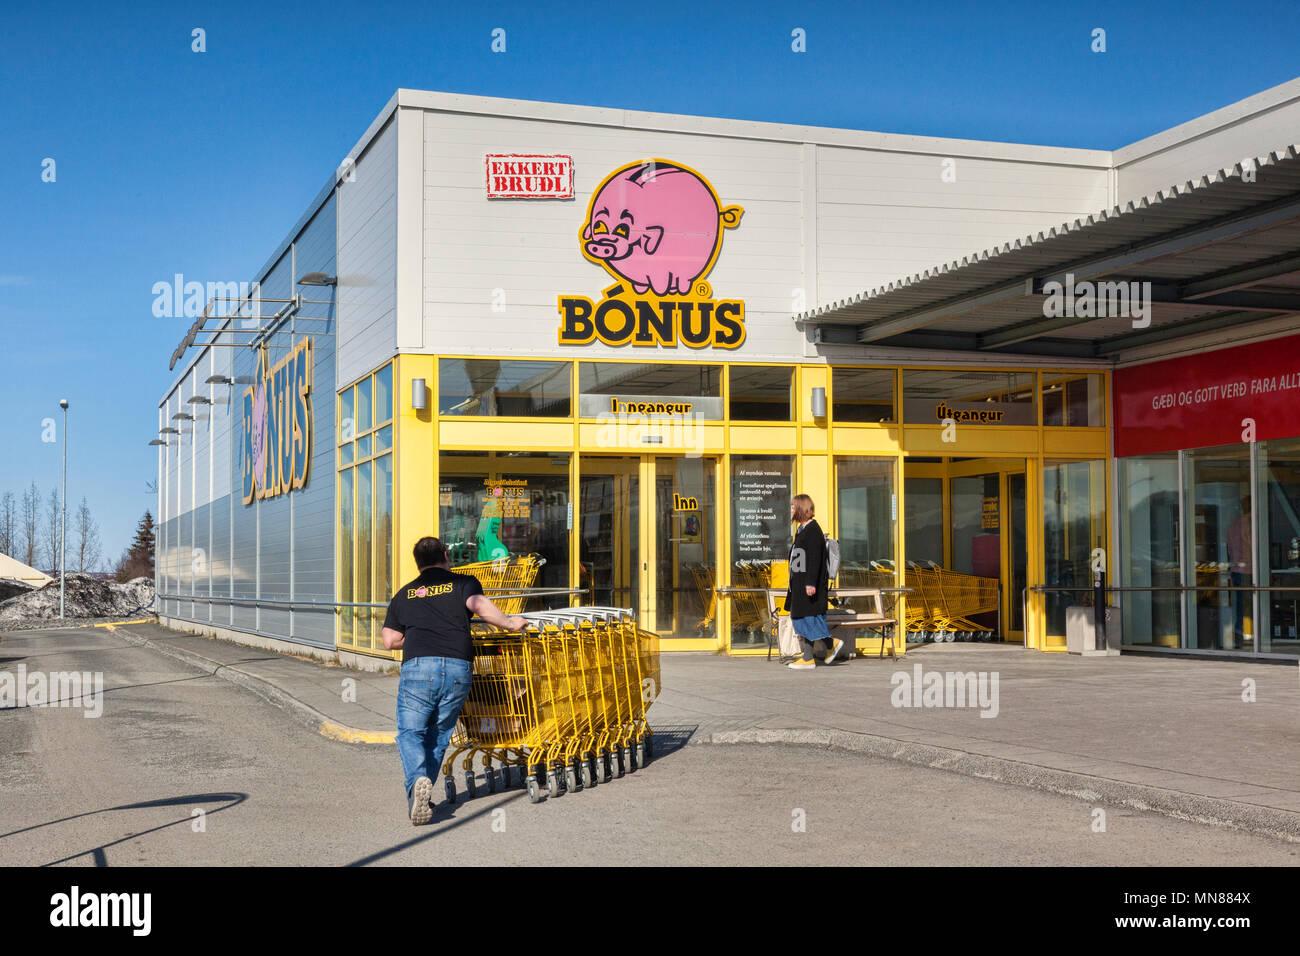 Bonus Iceland